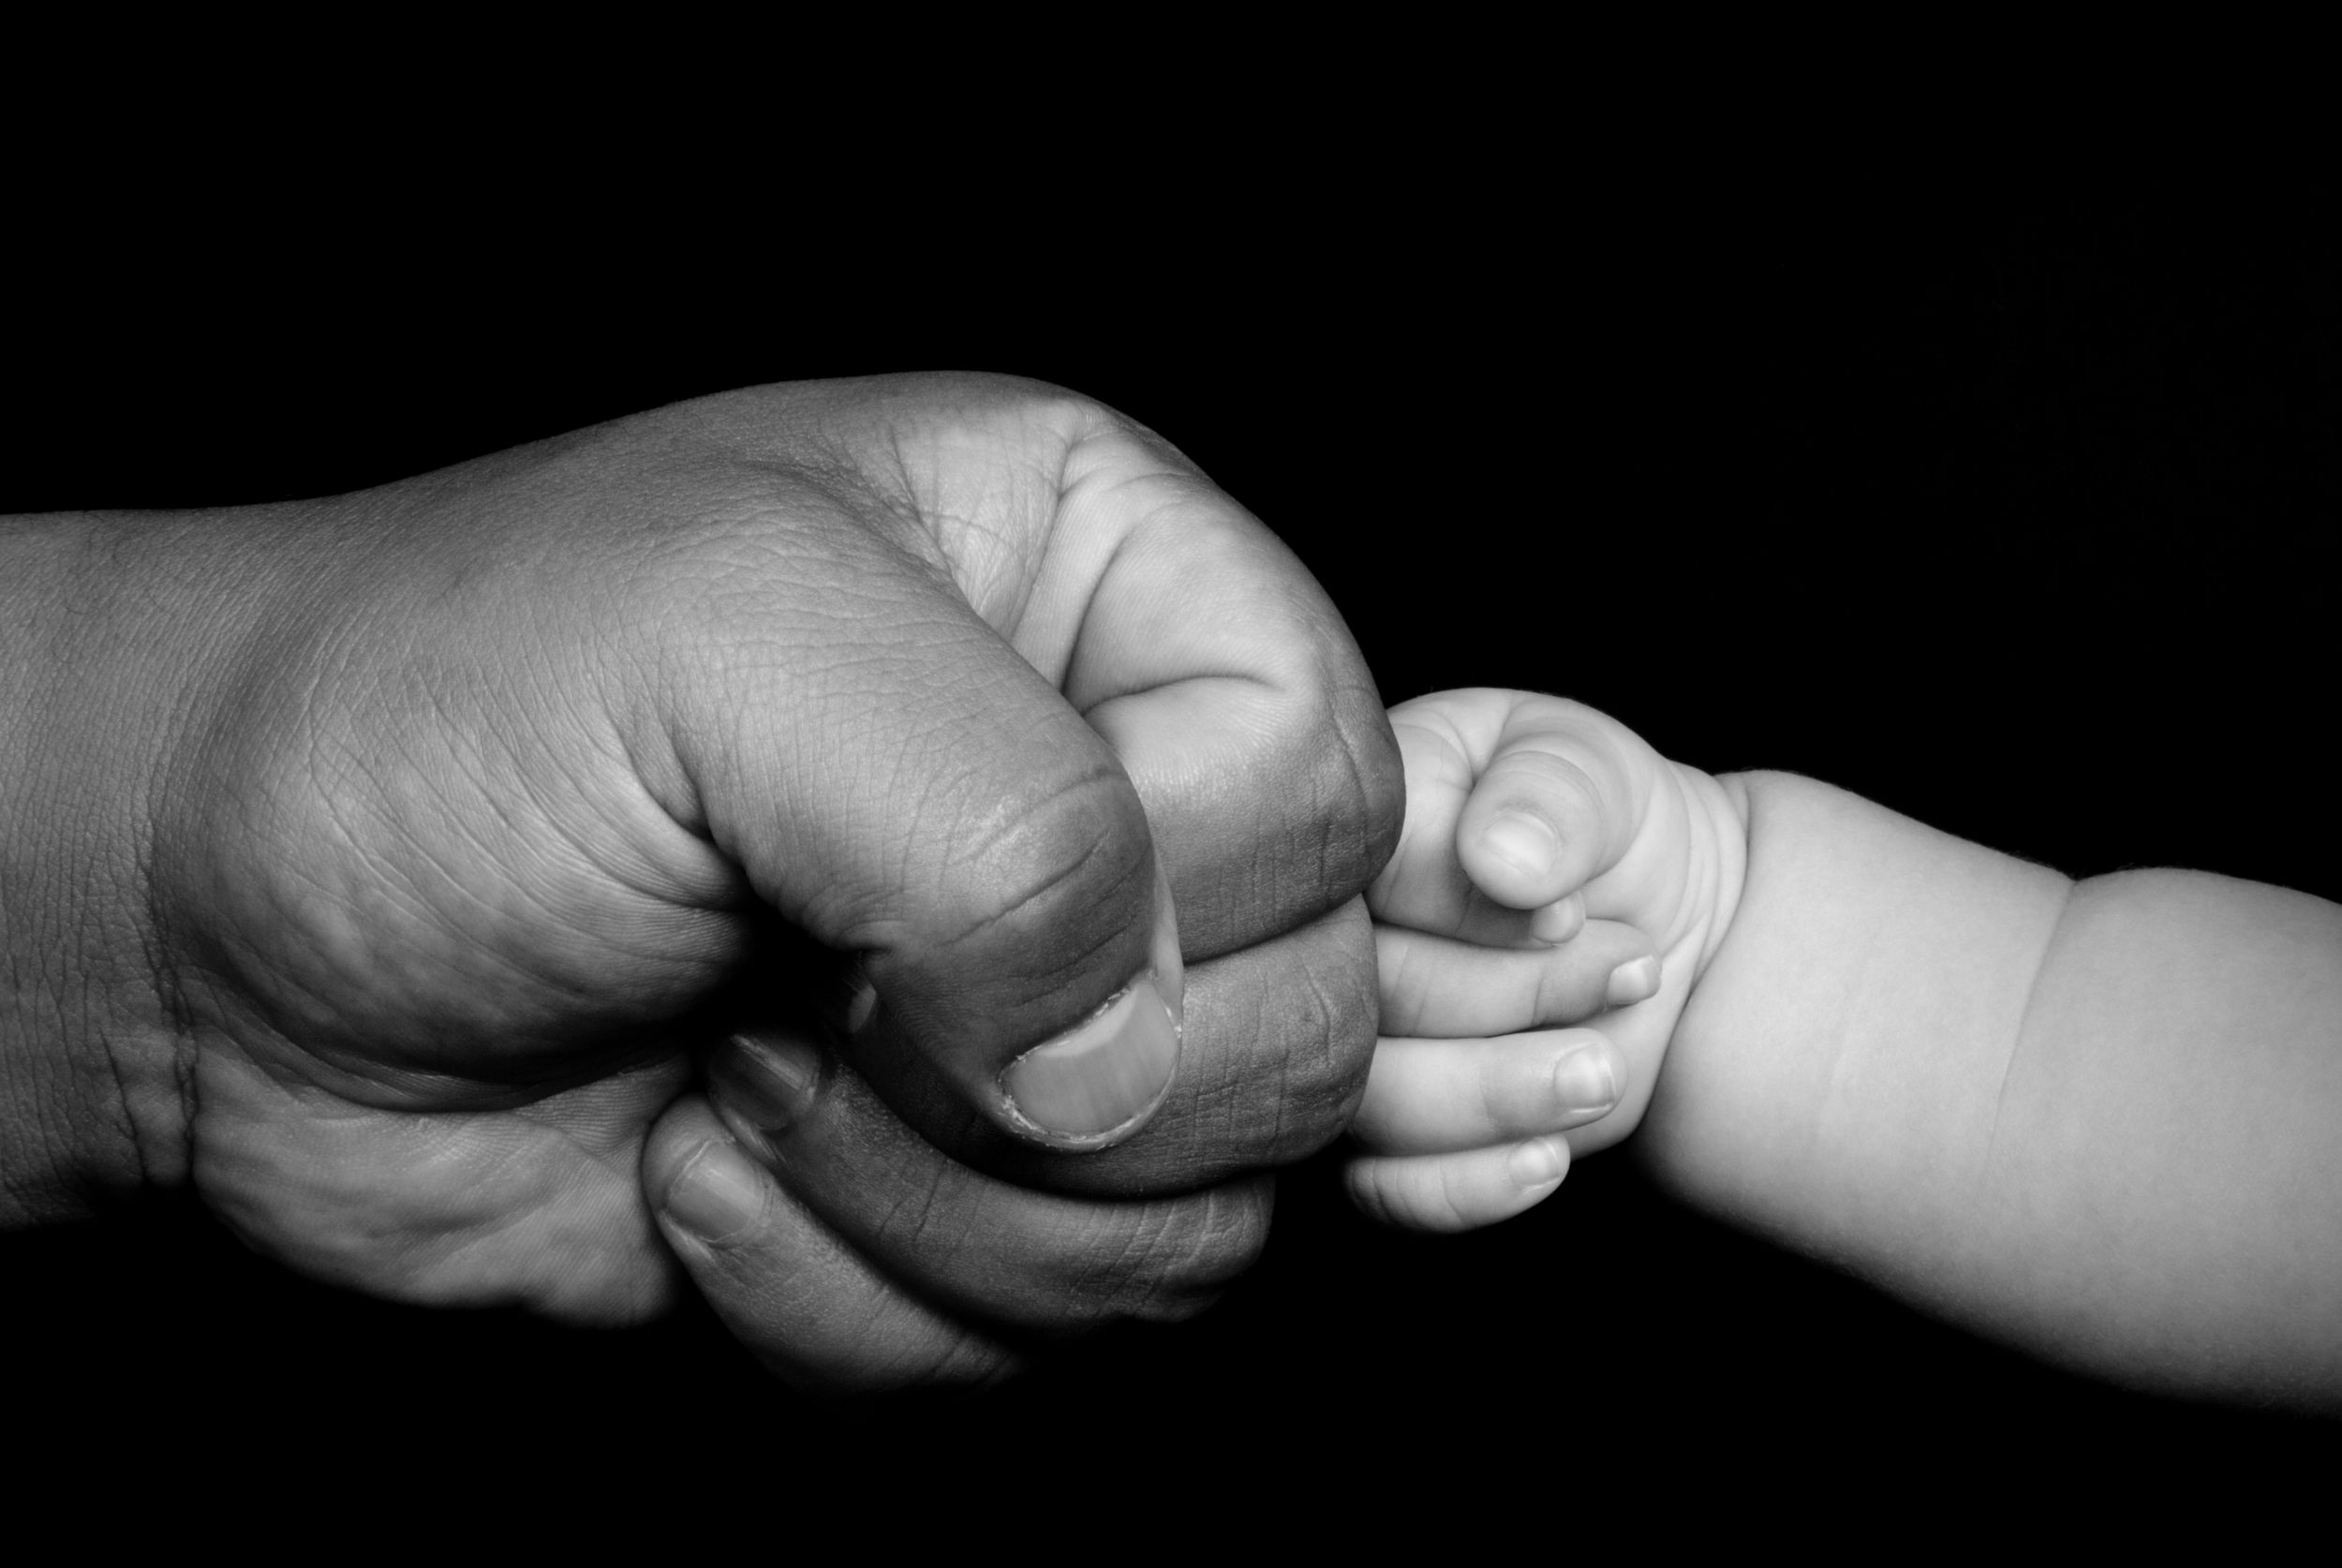 Архангельск. Проблема отцов и детей